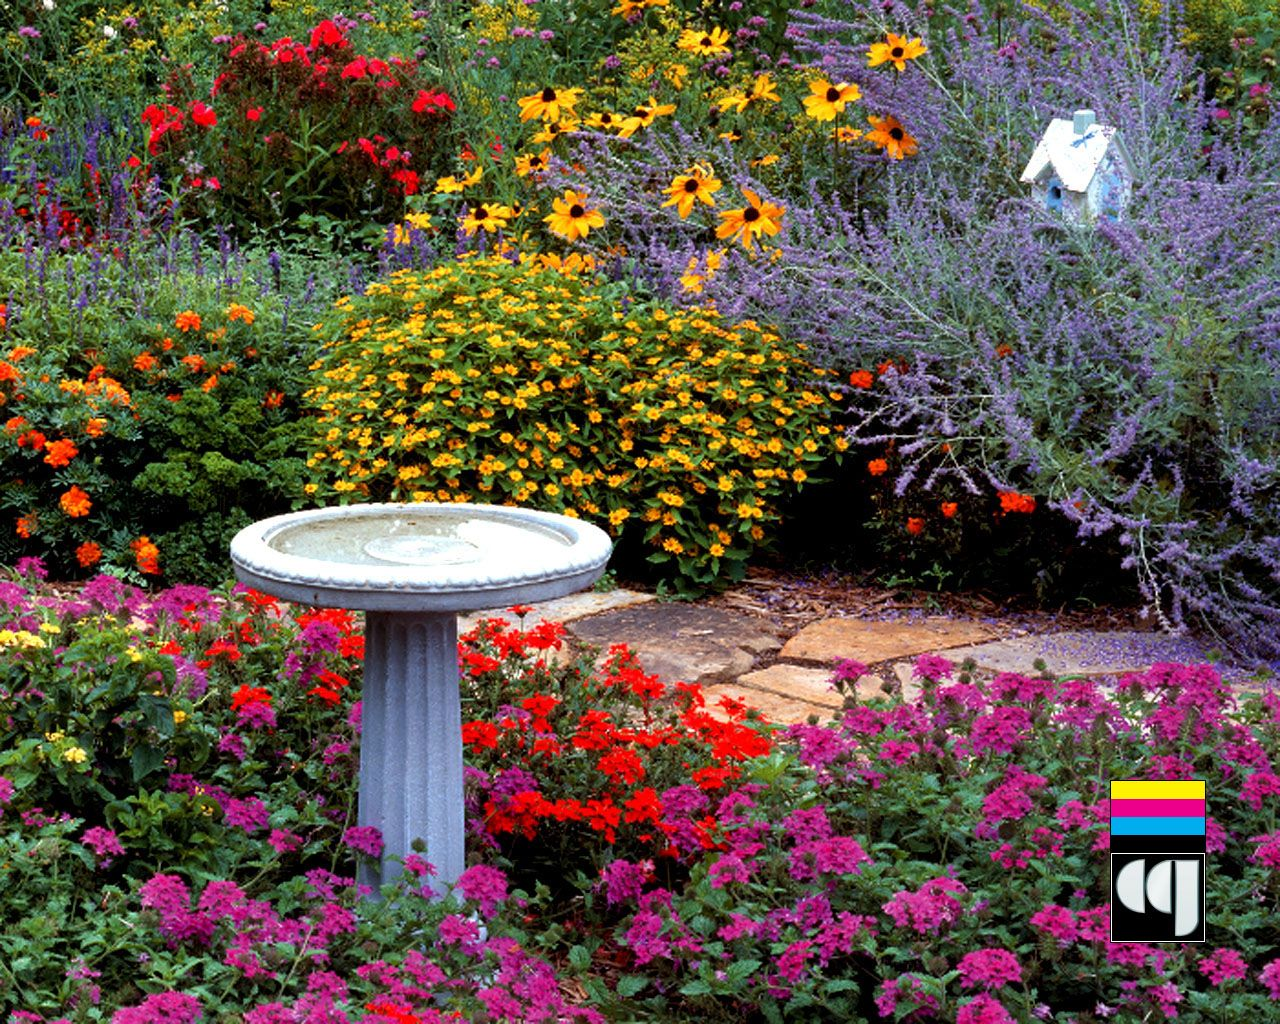 Garden Pictures My Wallpaper Street Garden Background X - Colorful flower garden background